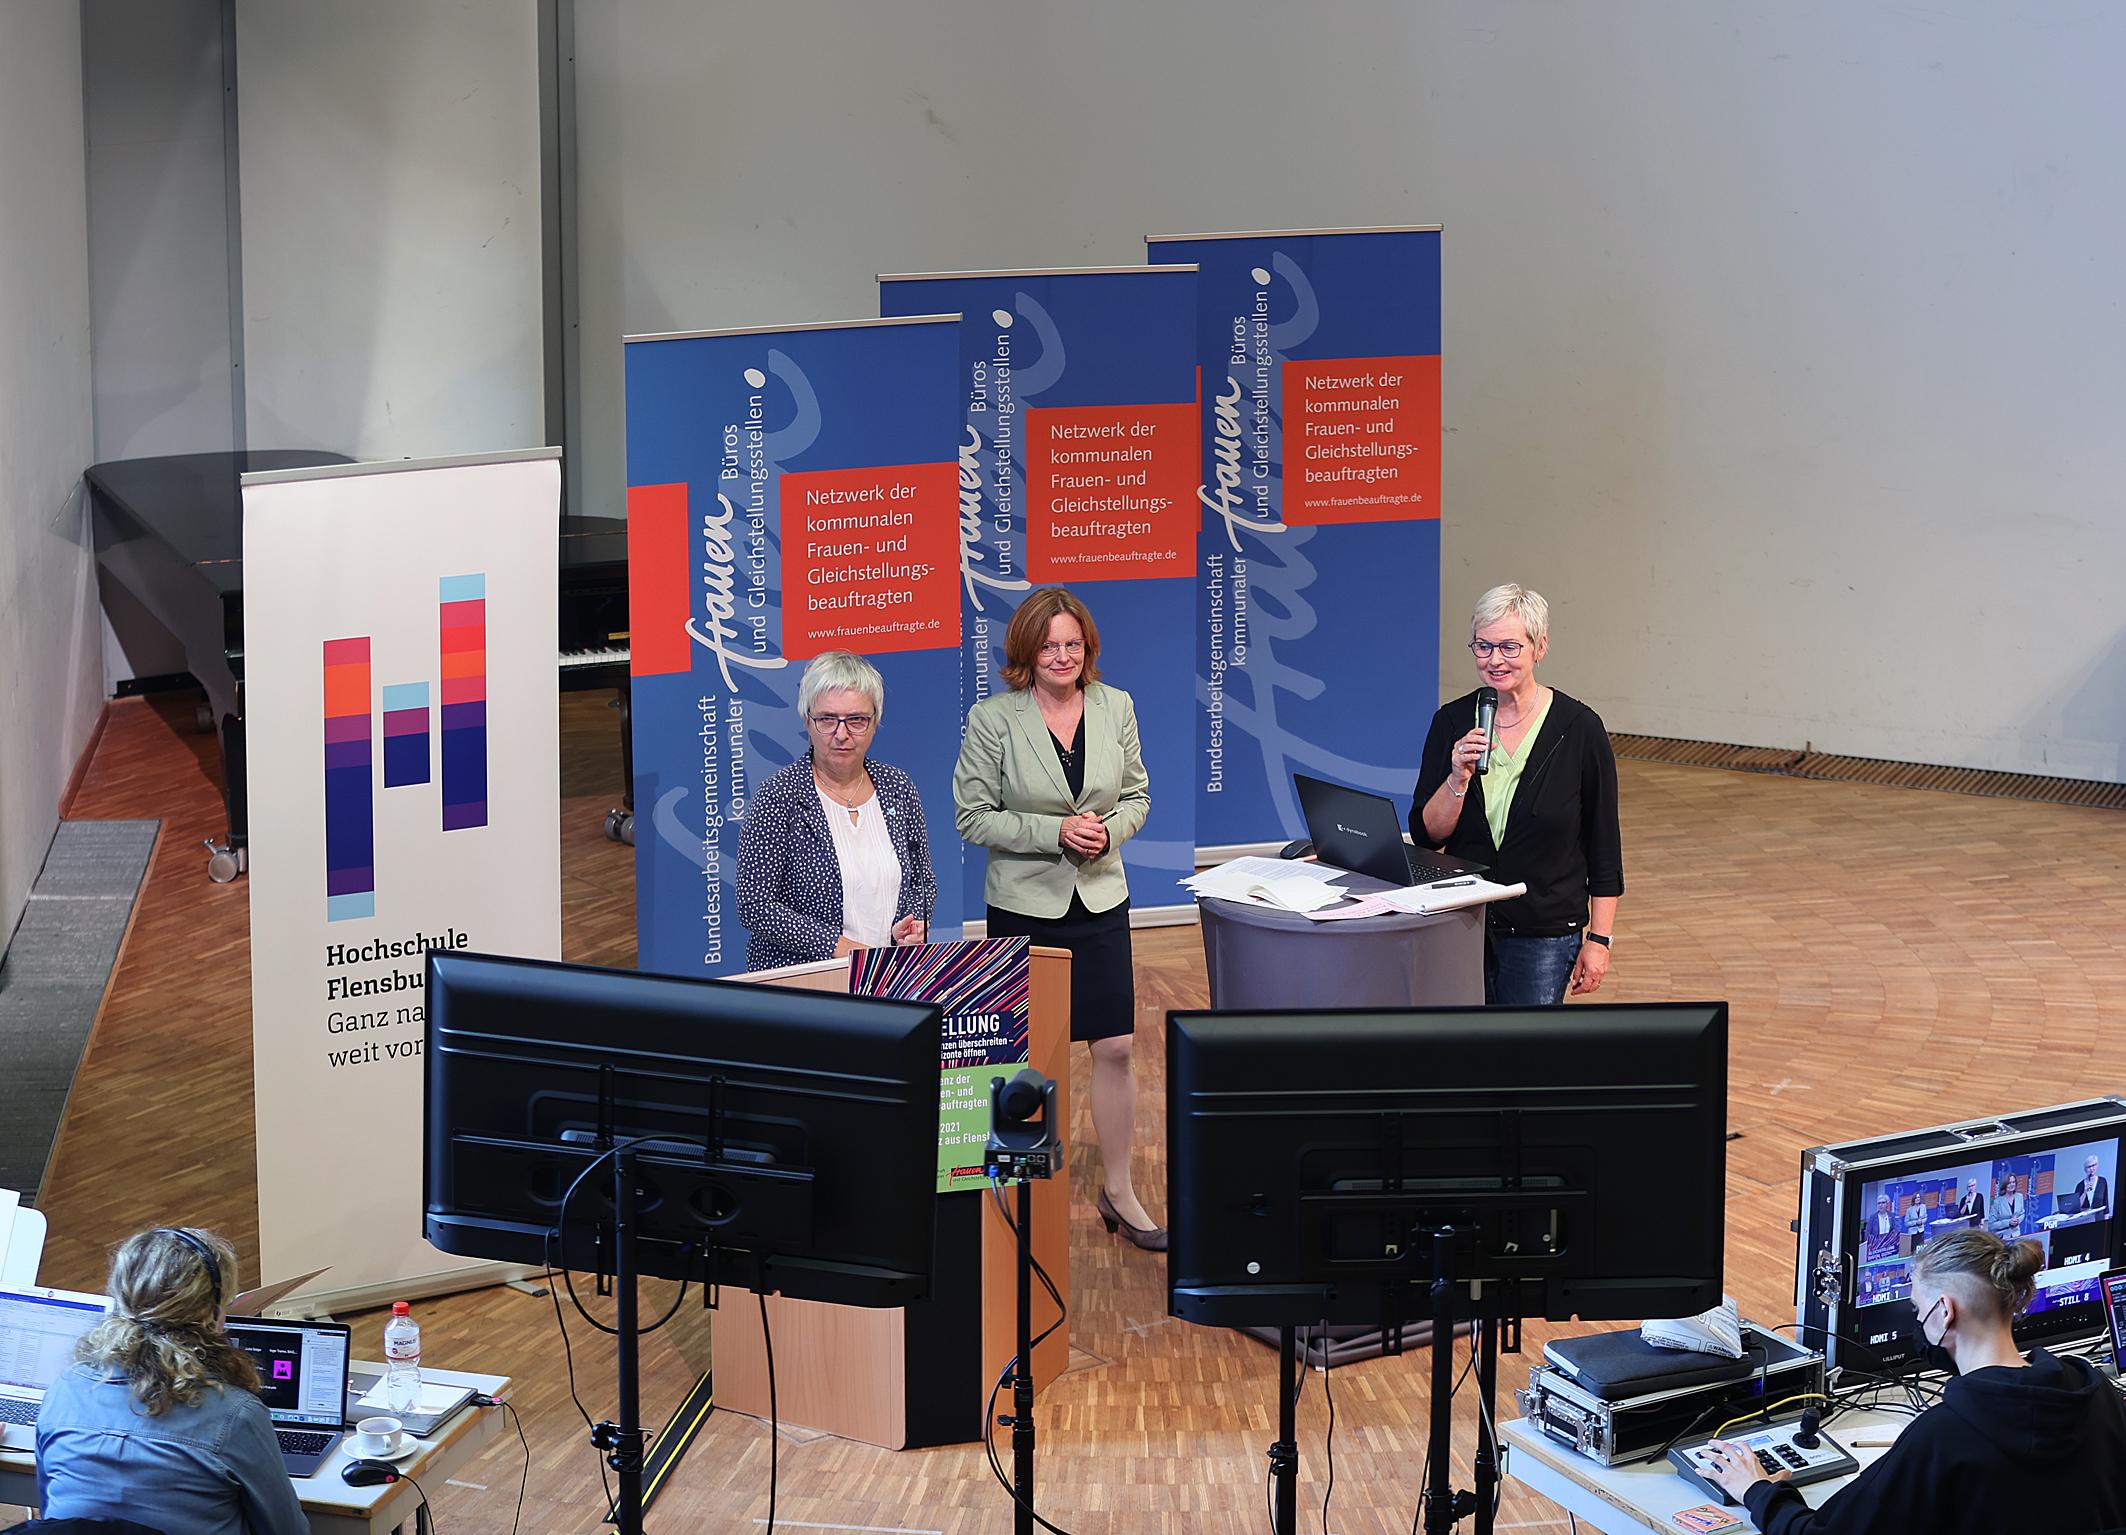 30.08.2021 Forum Dagmar Krok, Verena Balve und Inge Trame